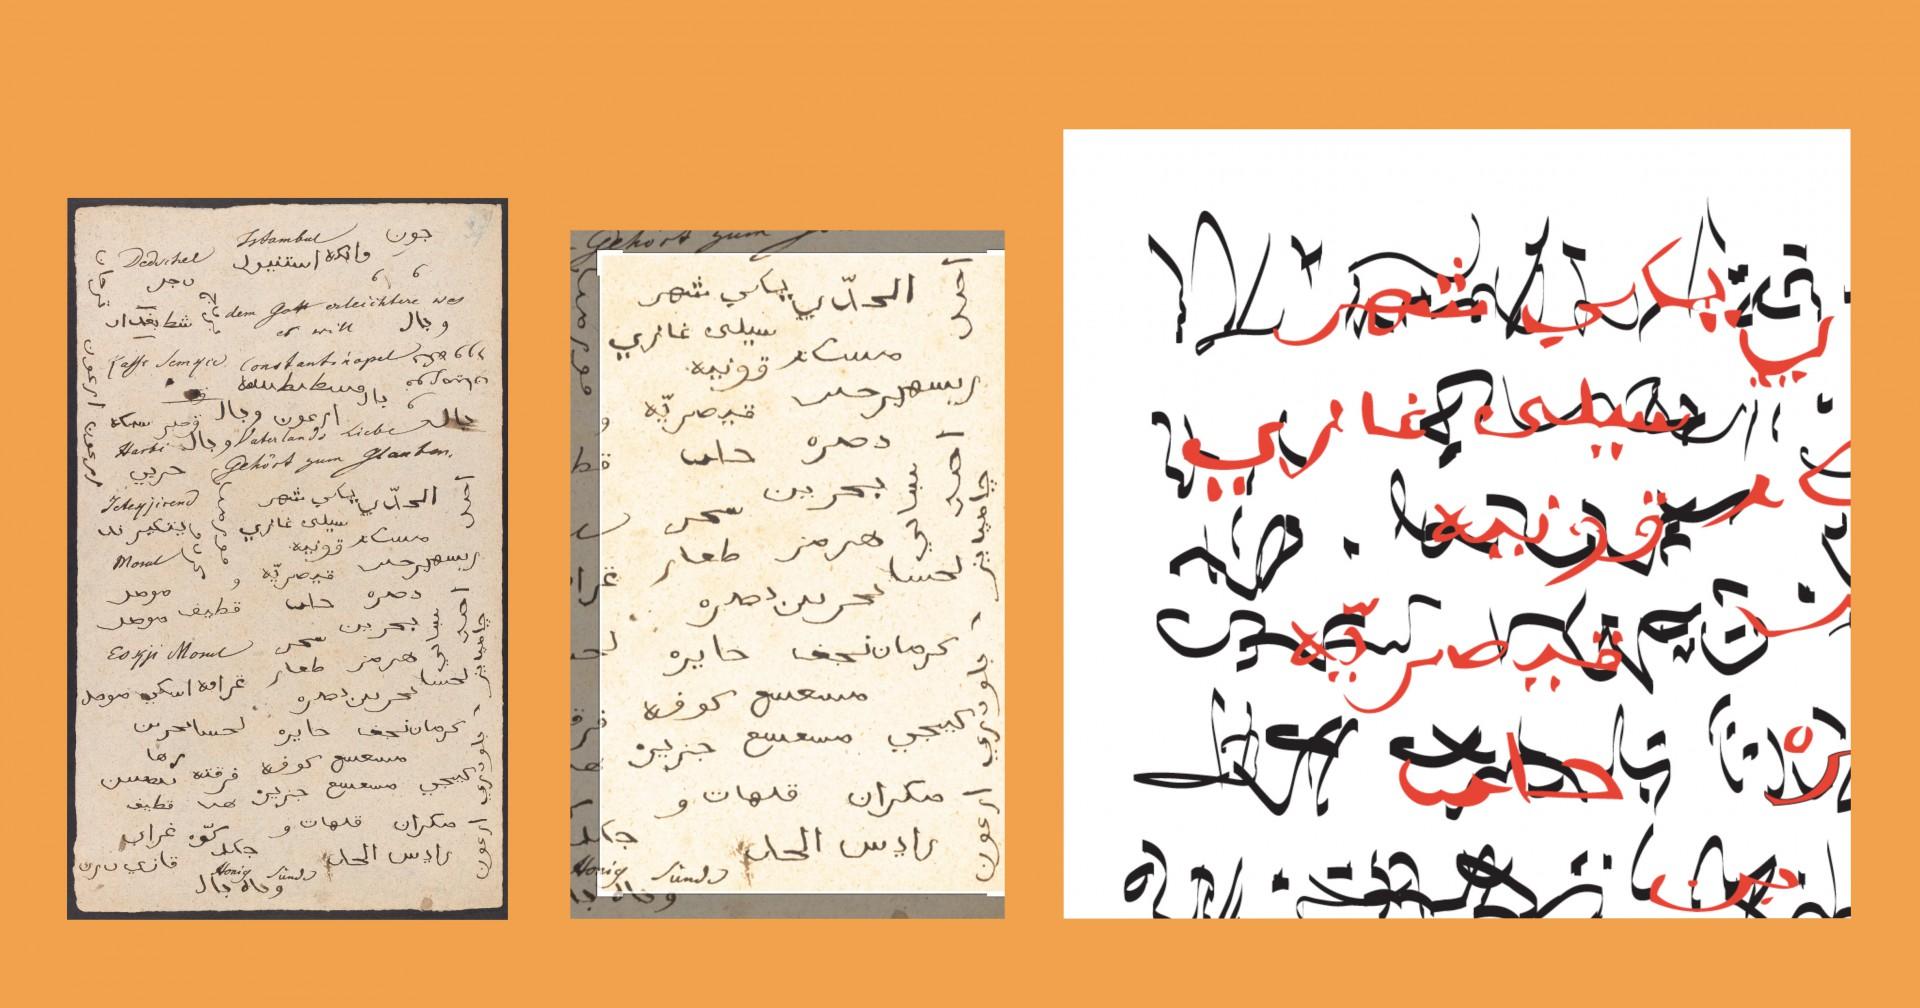 Die Abb. links (© Klassik Stiftung Weimar) zeigt ein Originalblatt mit Goethes arabischen Schreibübungen. Die mittlere Abb. zeigt einen der gewählten Ausschnitte, der in eine Vektordatei umgewandelt (re. zur Verdeutlichung in roter Farbe) auf ein elektronisches Schreibtablett geladen wurde. Mit einem elektronischem Stift sind weitere Schreibschichten in das Blatt gesetzt.